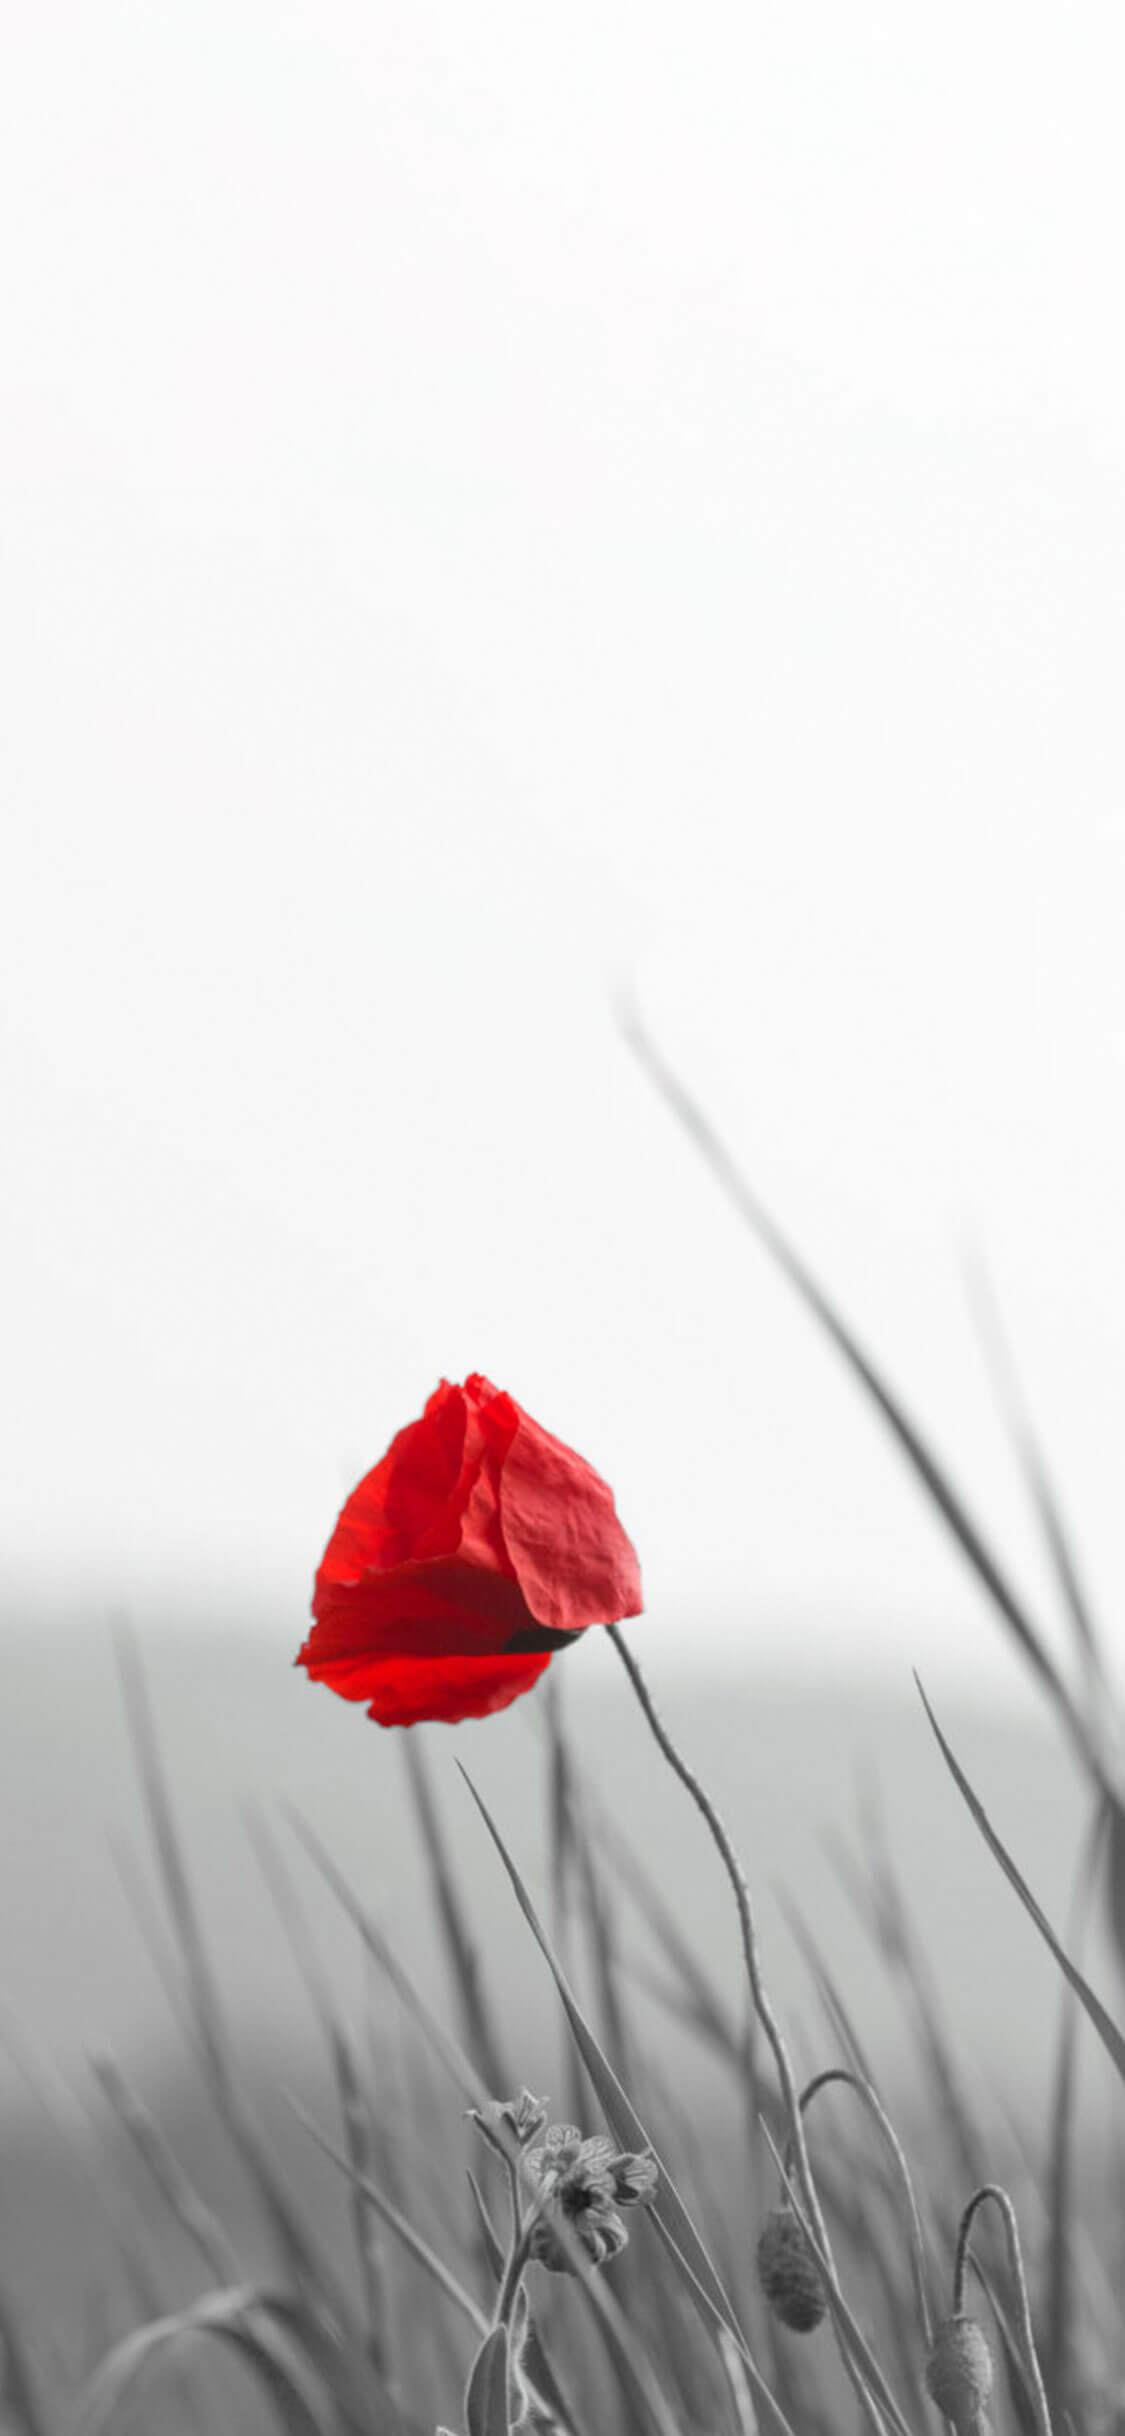 Fiore rosso .jpg